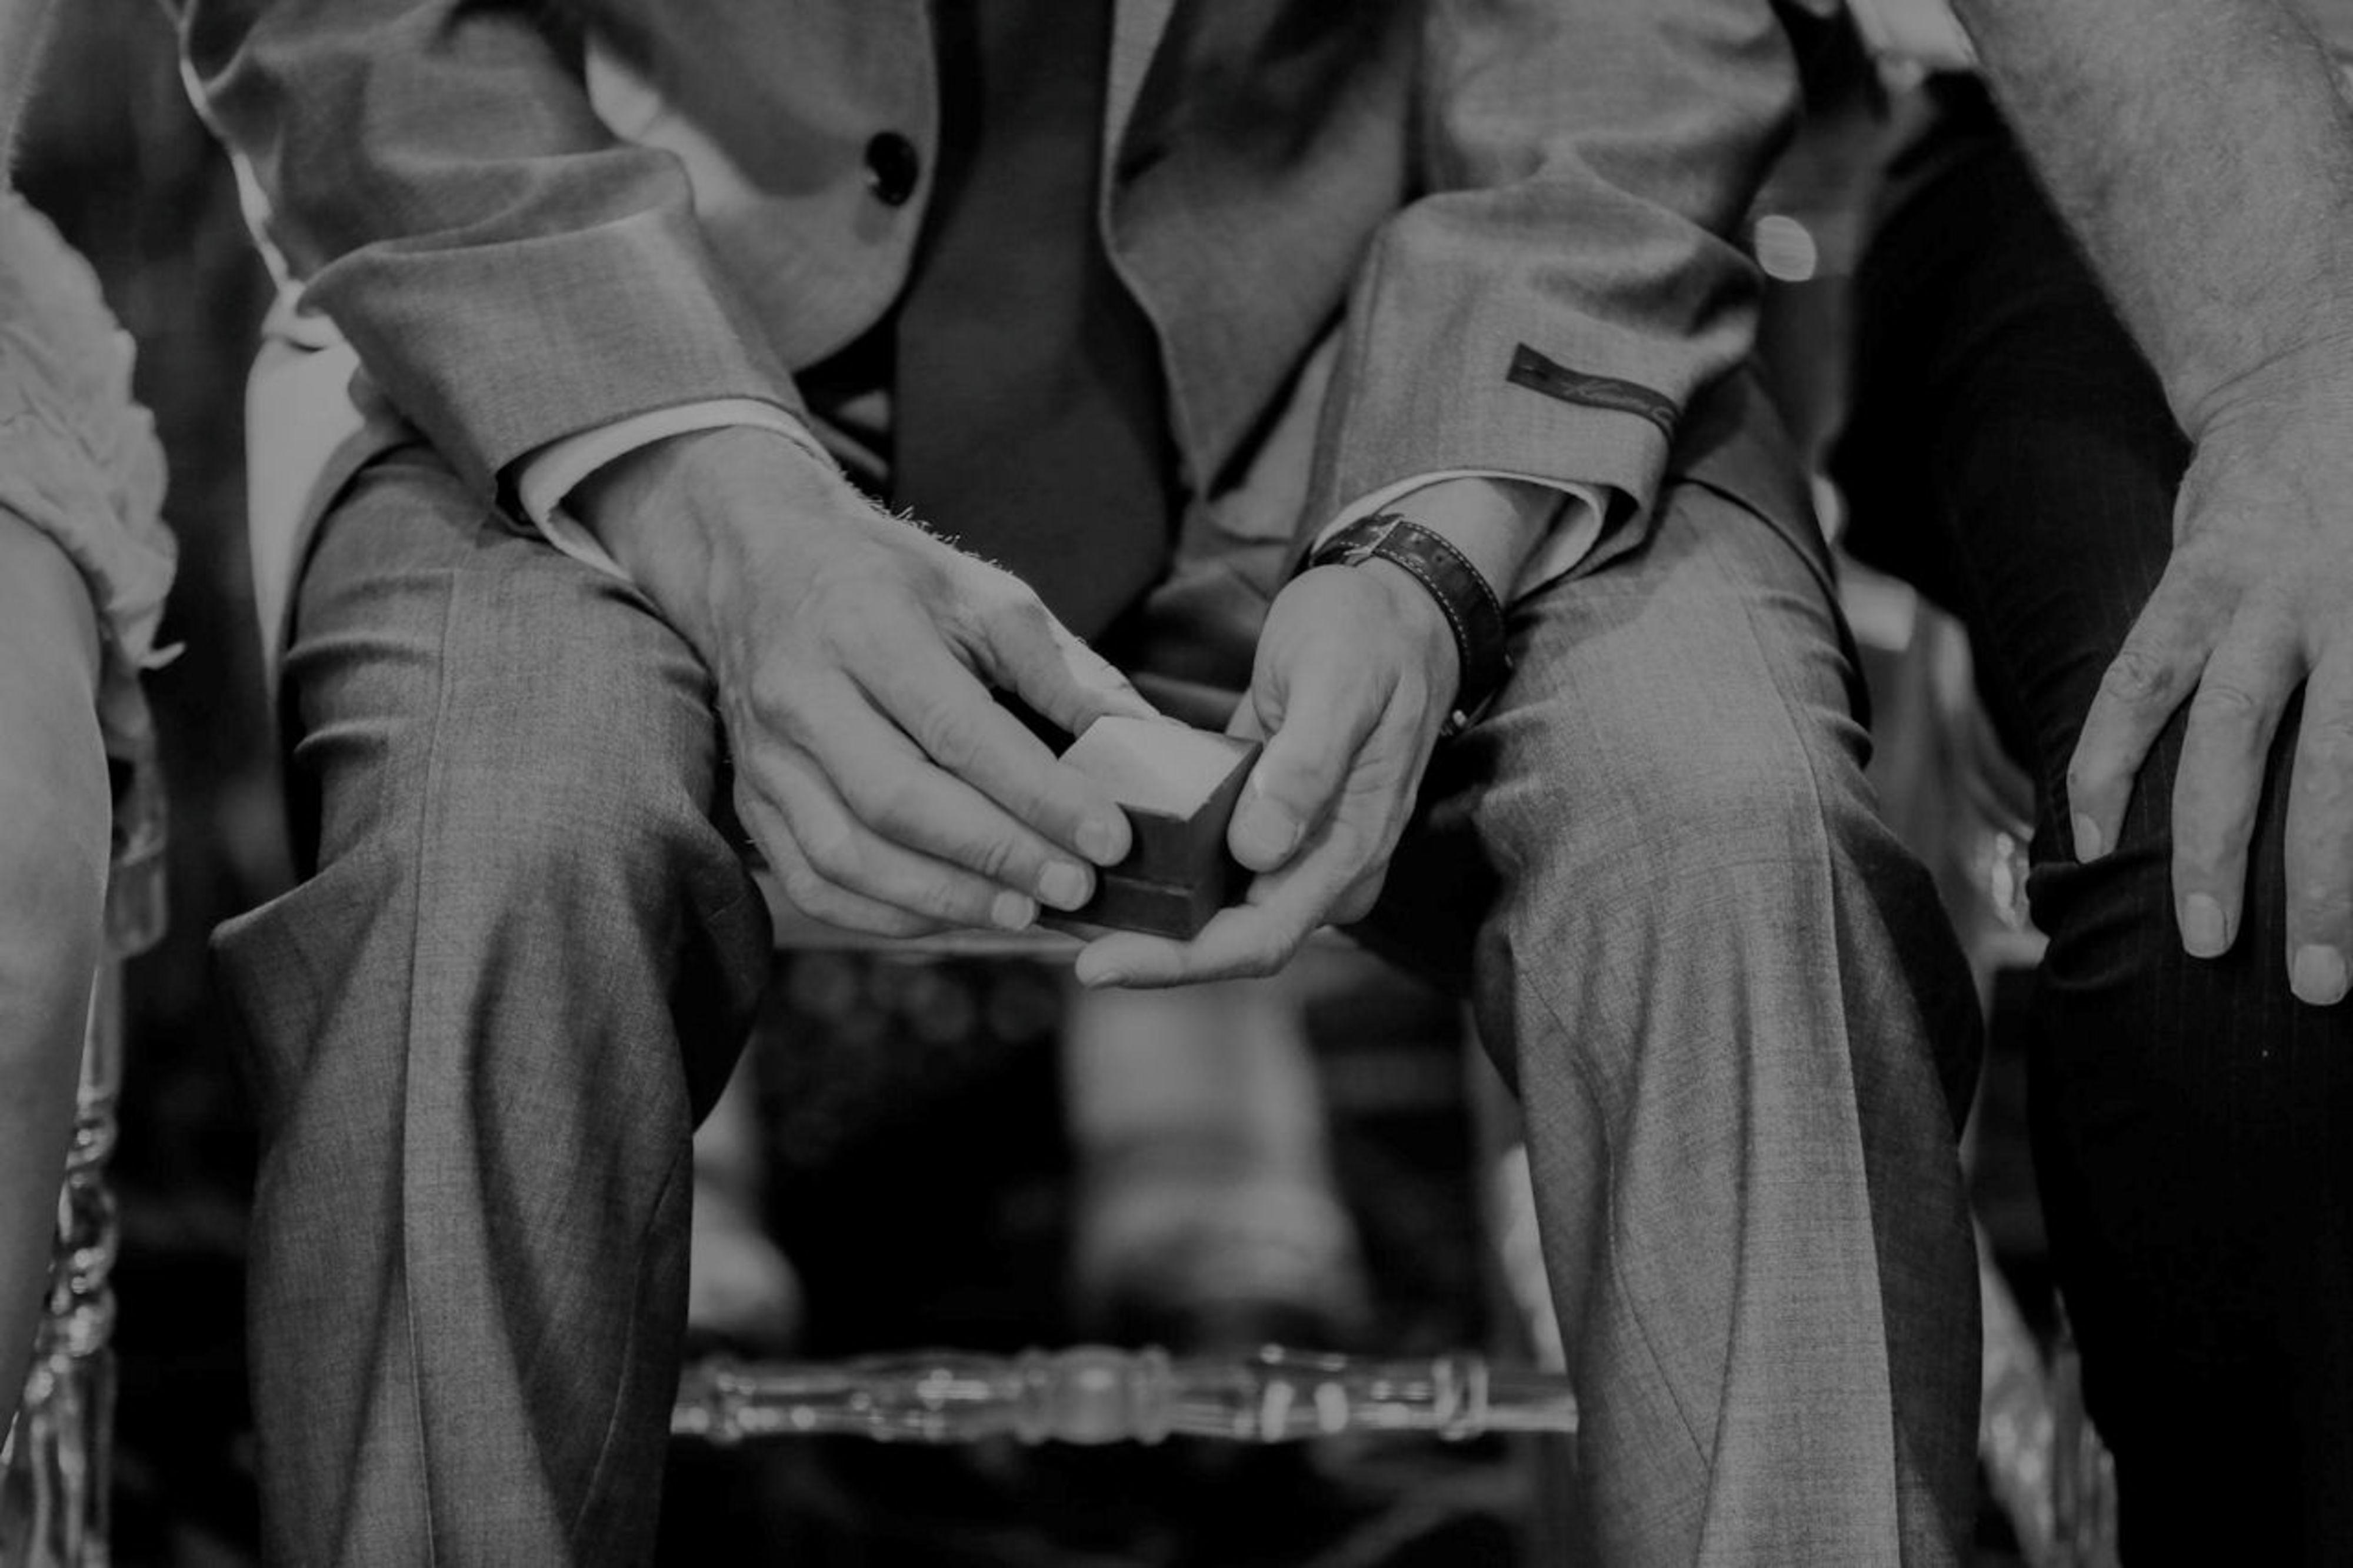 Trouwen onder huwelijkse voorwaarden